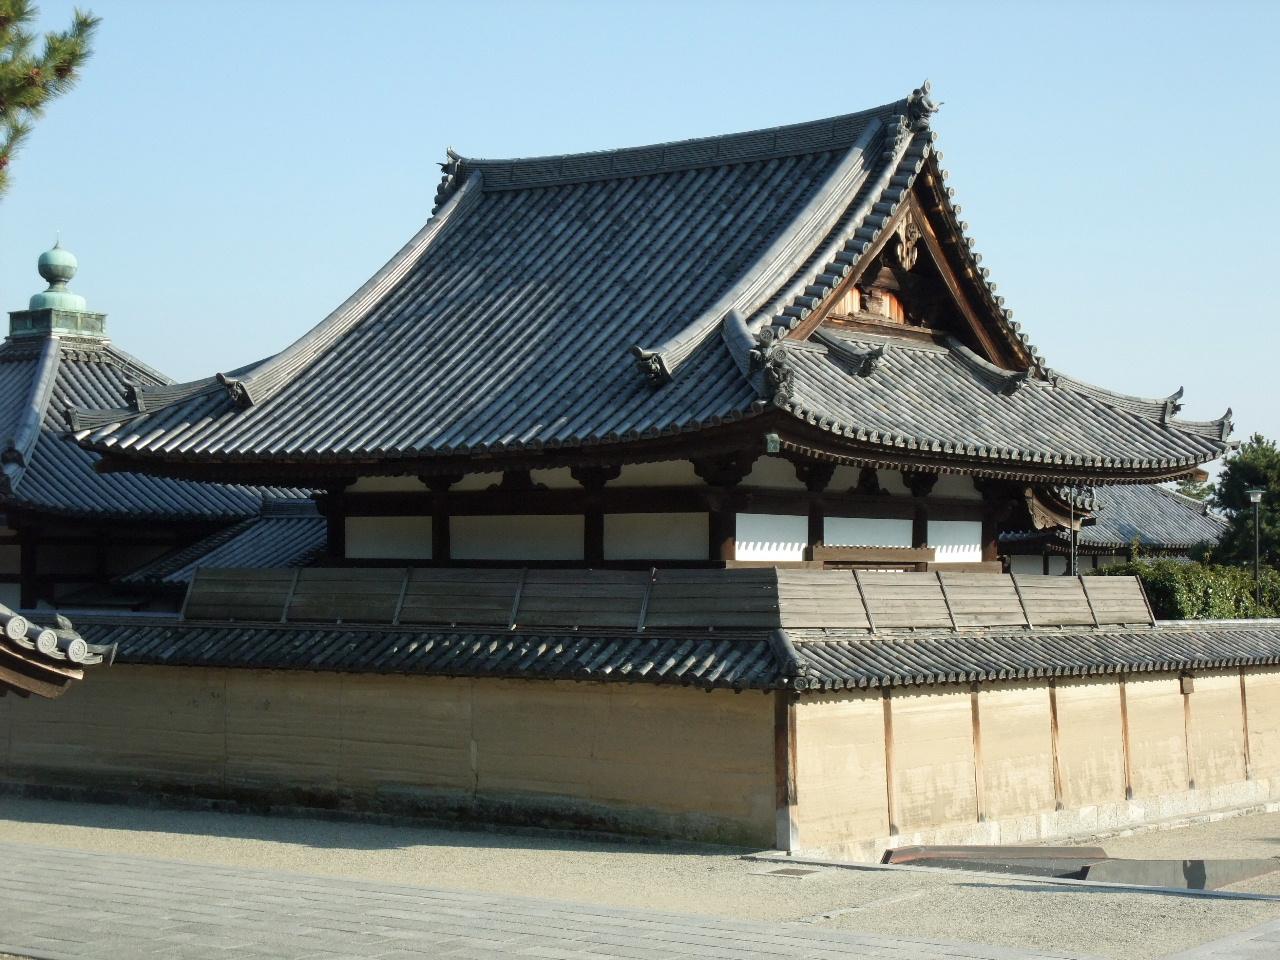 和 の 建 築 美 - いにしえ探訪 - [ 本 館 ] : 2010年02月